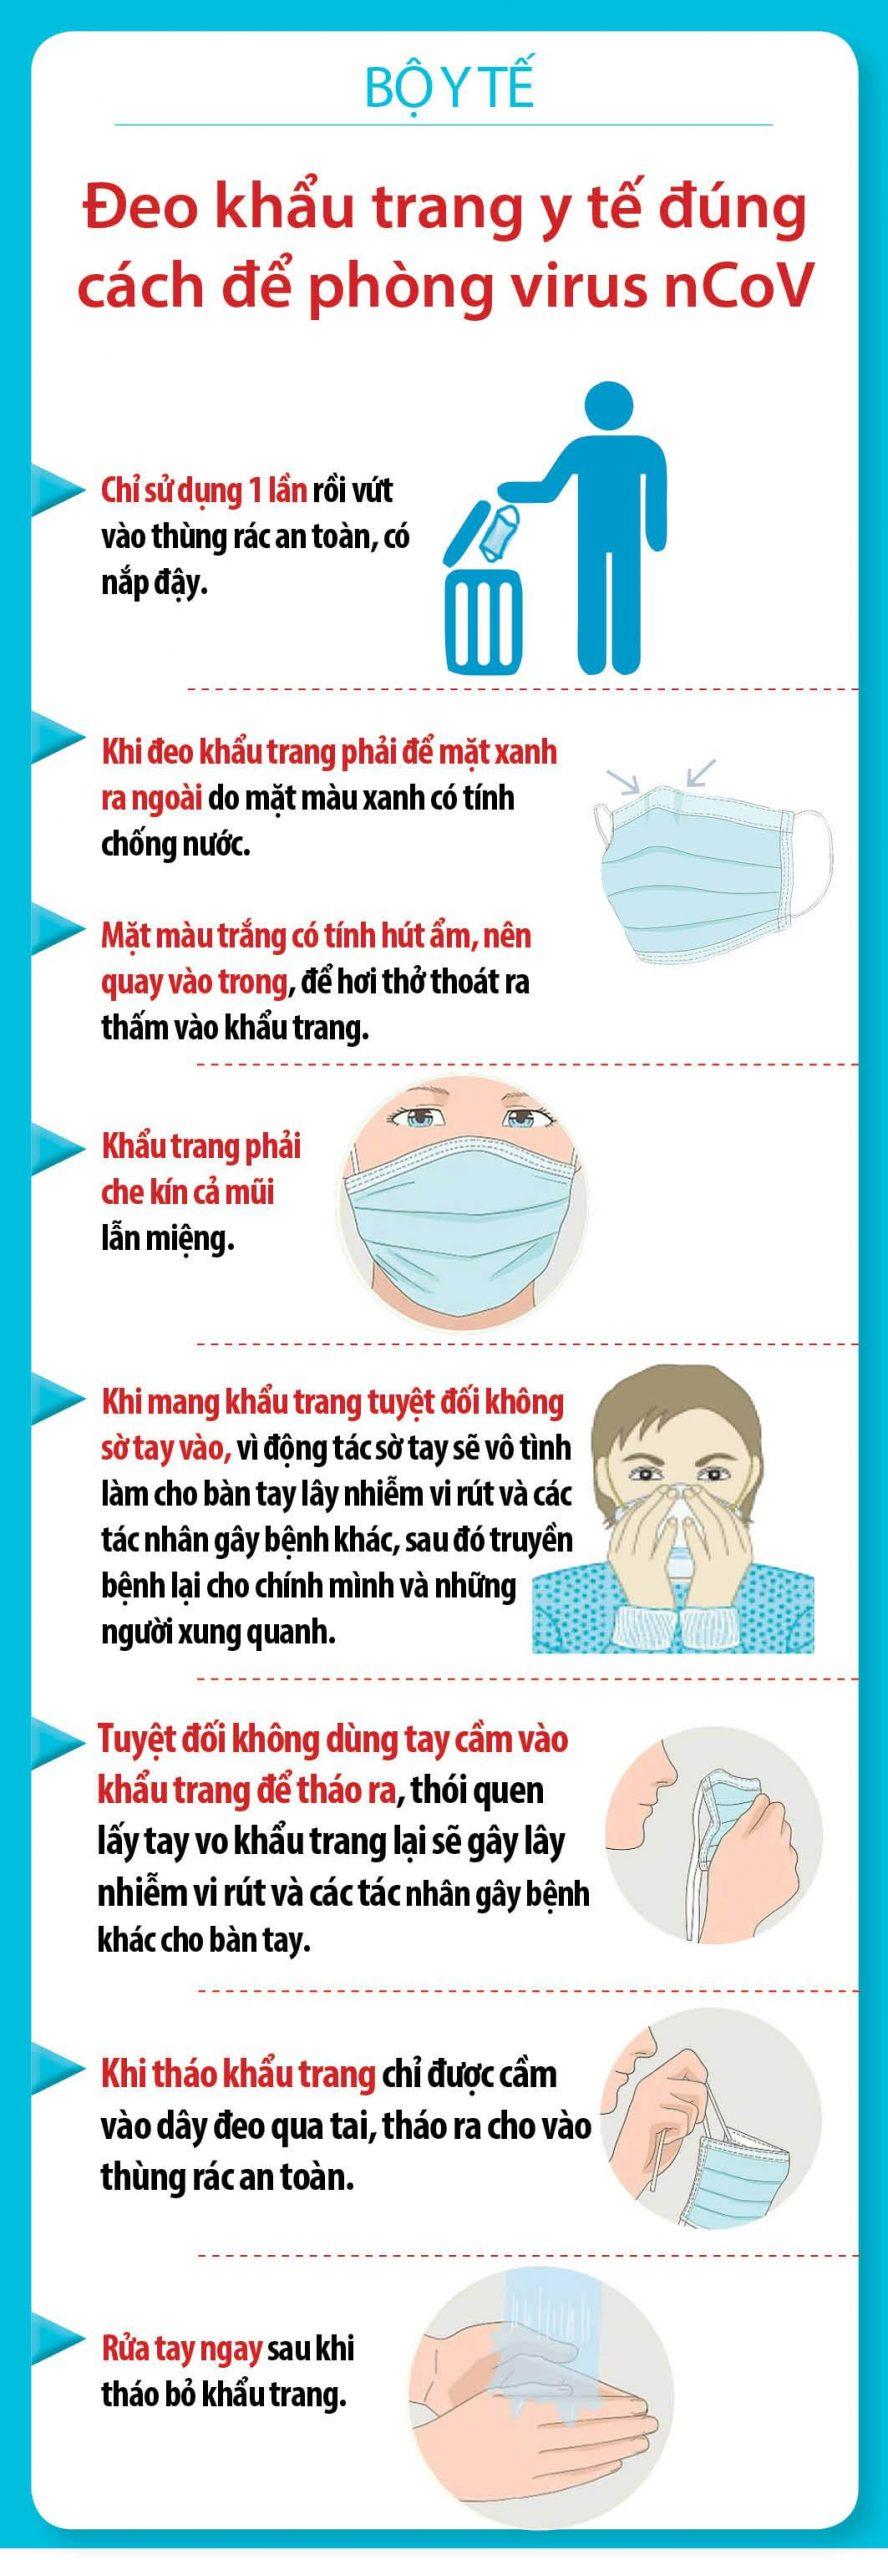 Đeo khẩu trang y tế đúng cách để phòng virus nCoV